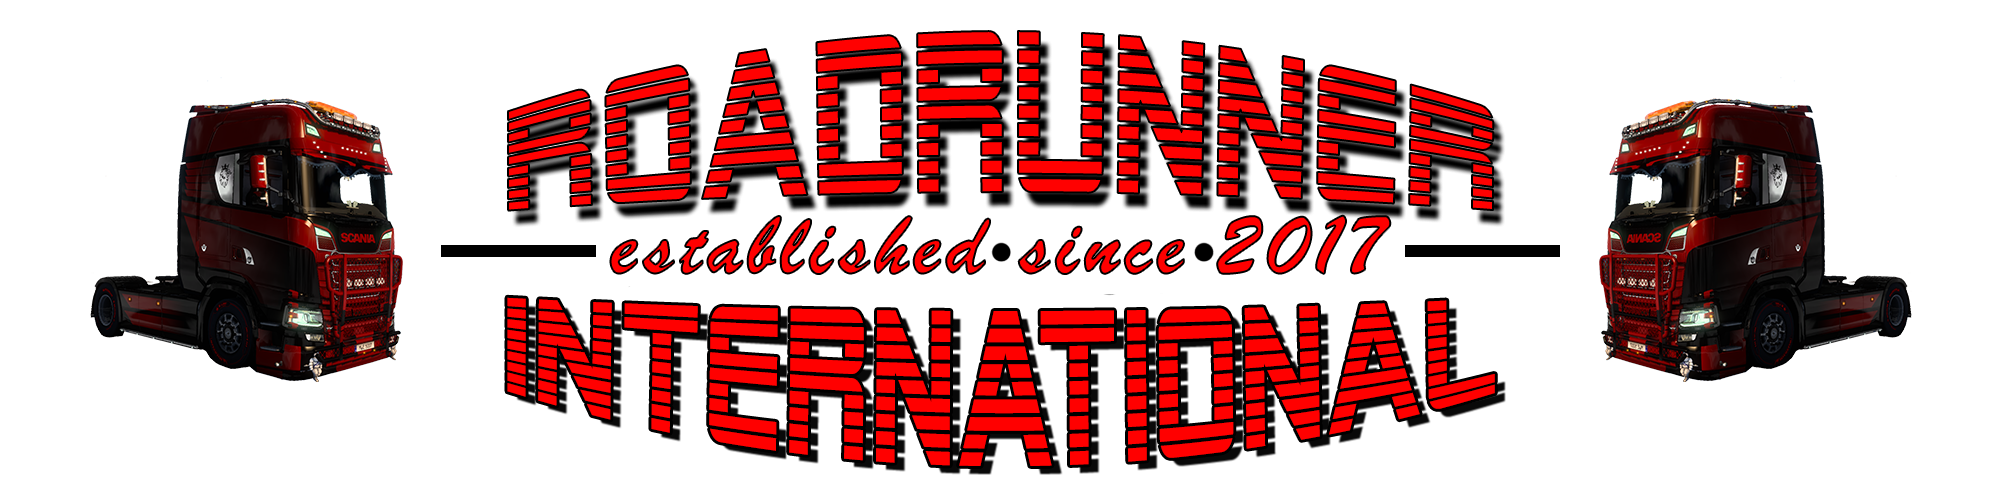 Monatliche | ROADRUNNER International